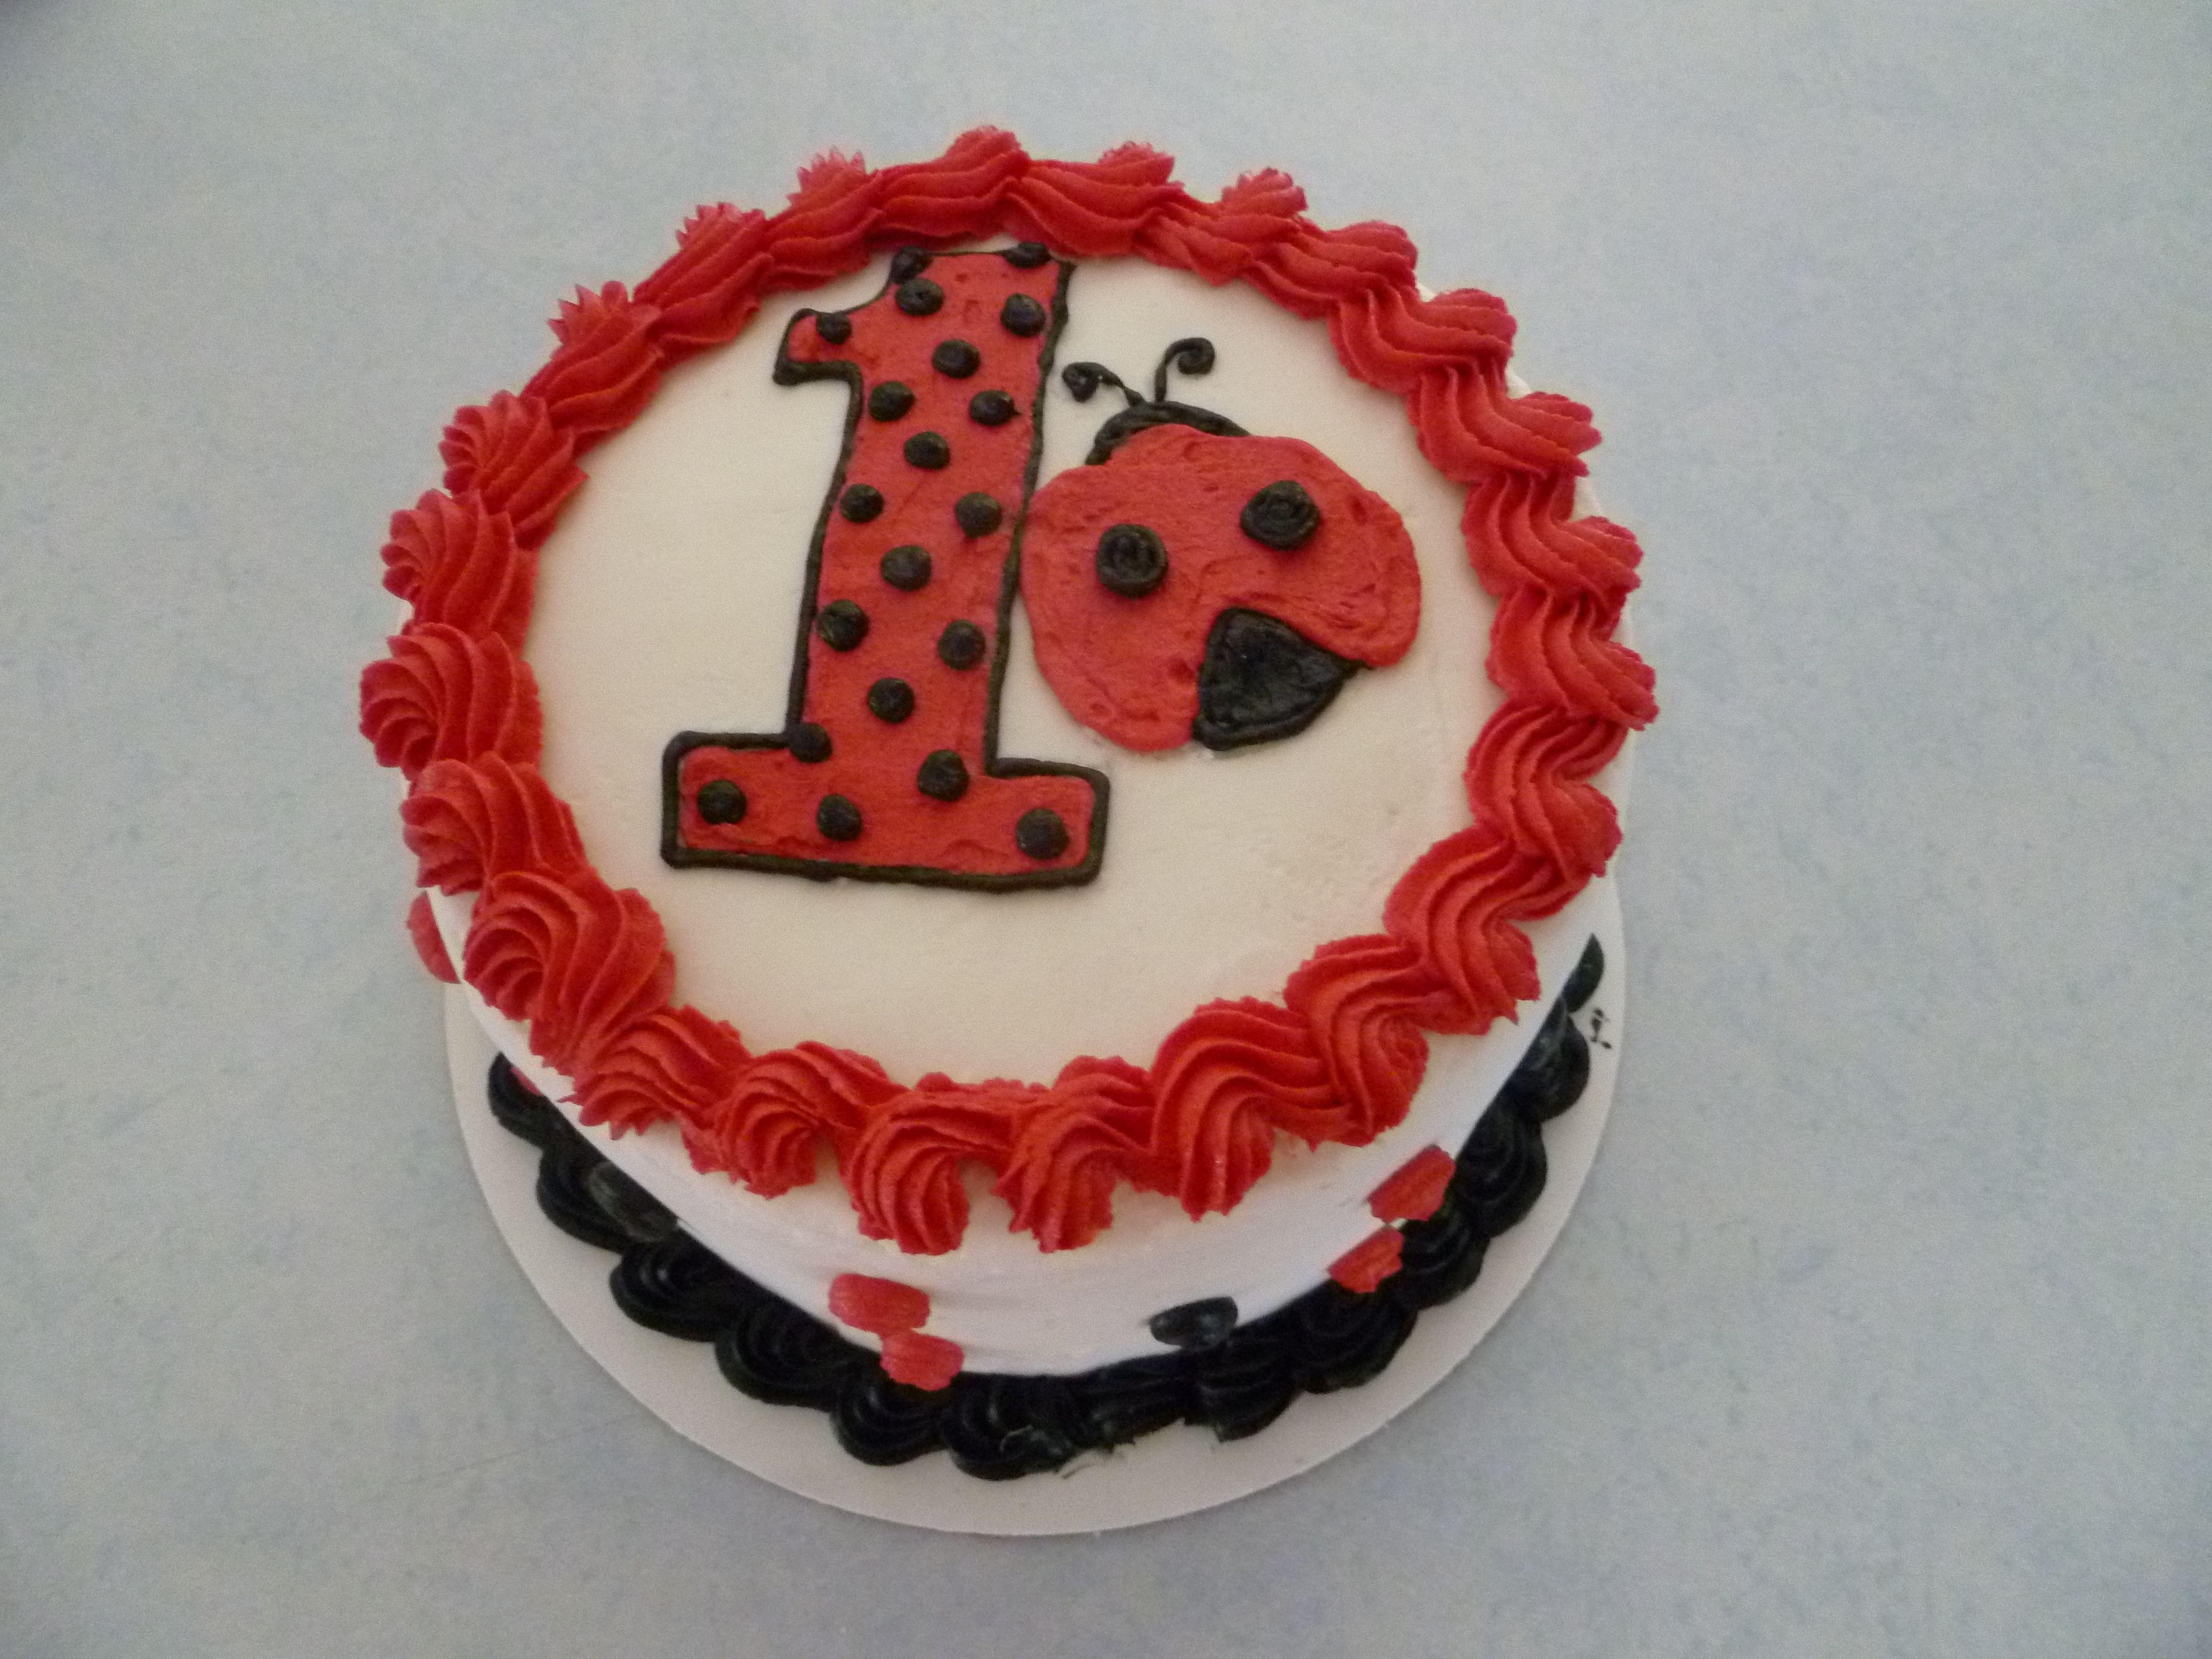 Stupendous Ladybug Smash Cake W Buttercream Icing Ladybug Birthday Party Personalised Birthday Cards Cominlily Jamesorg